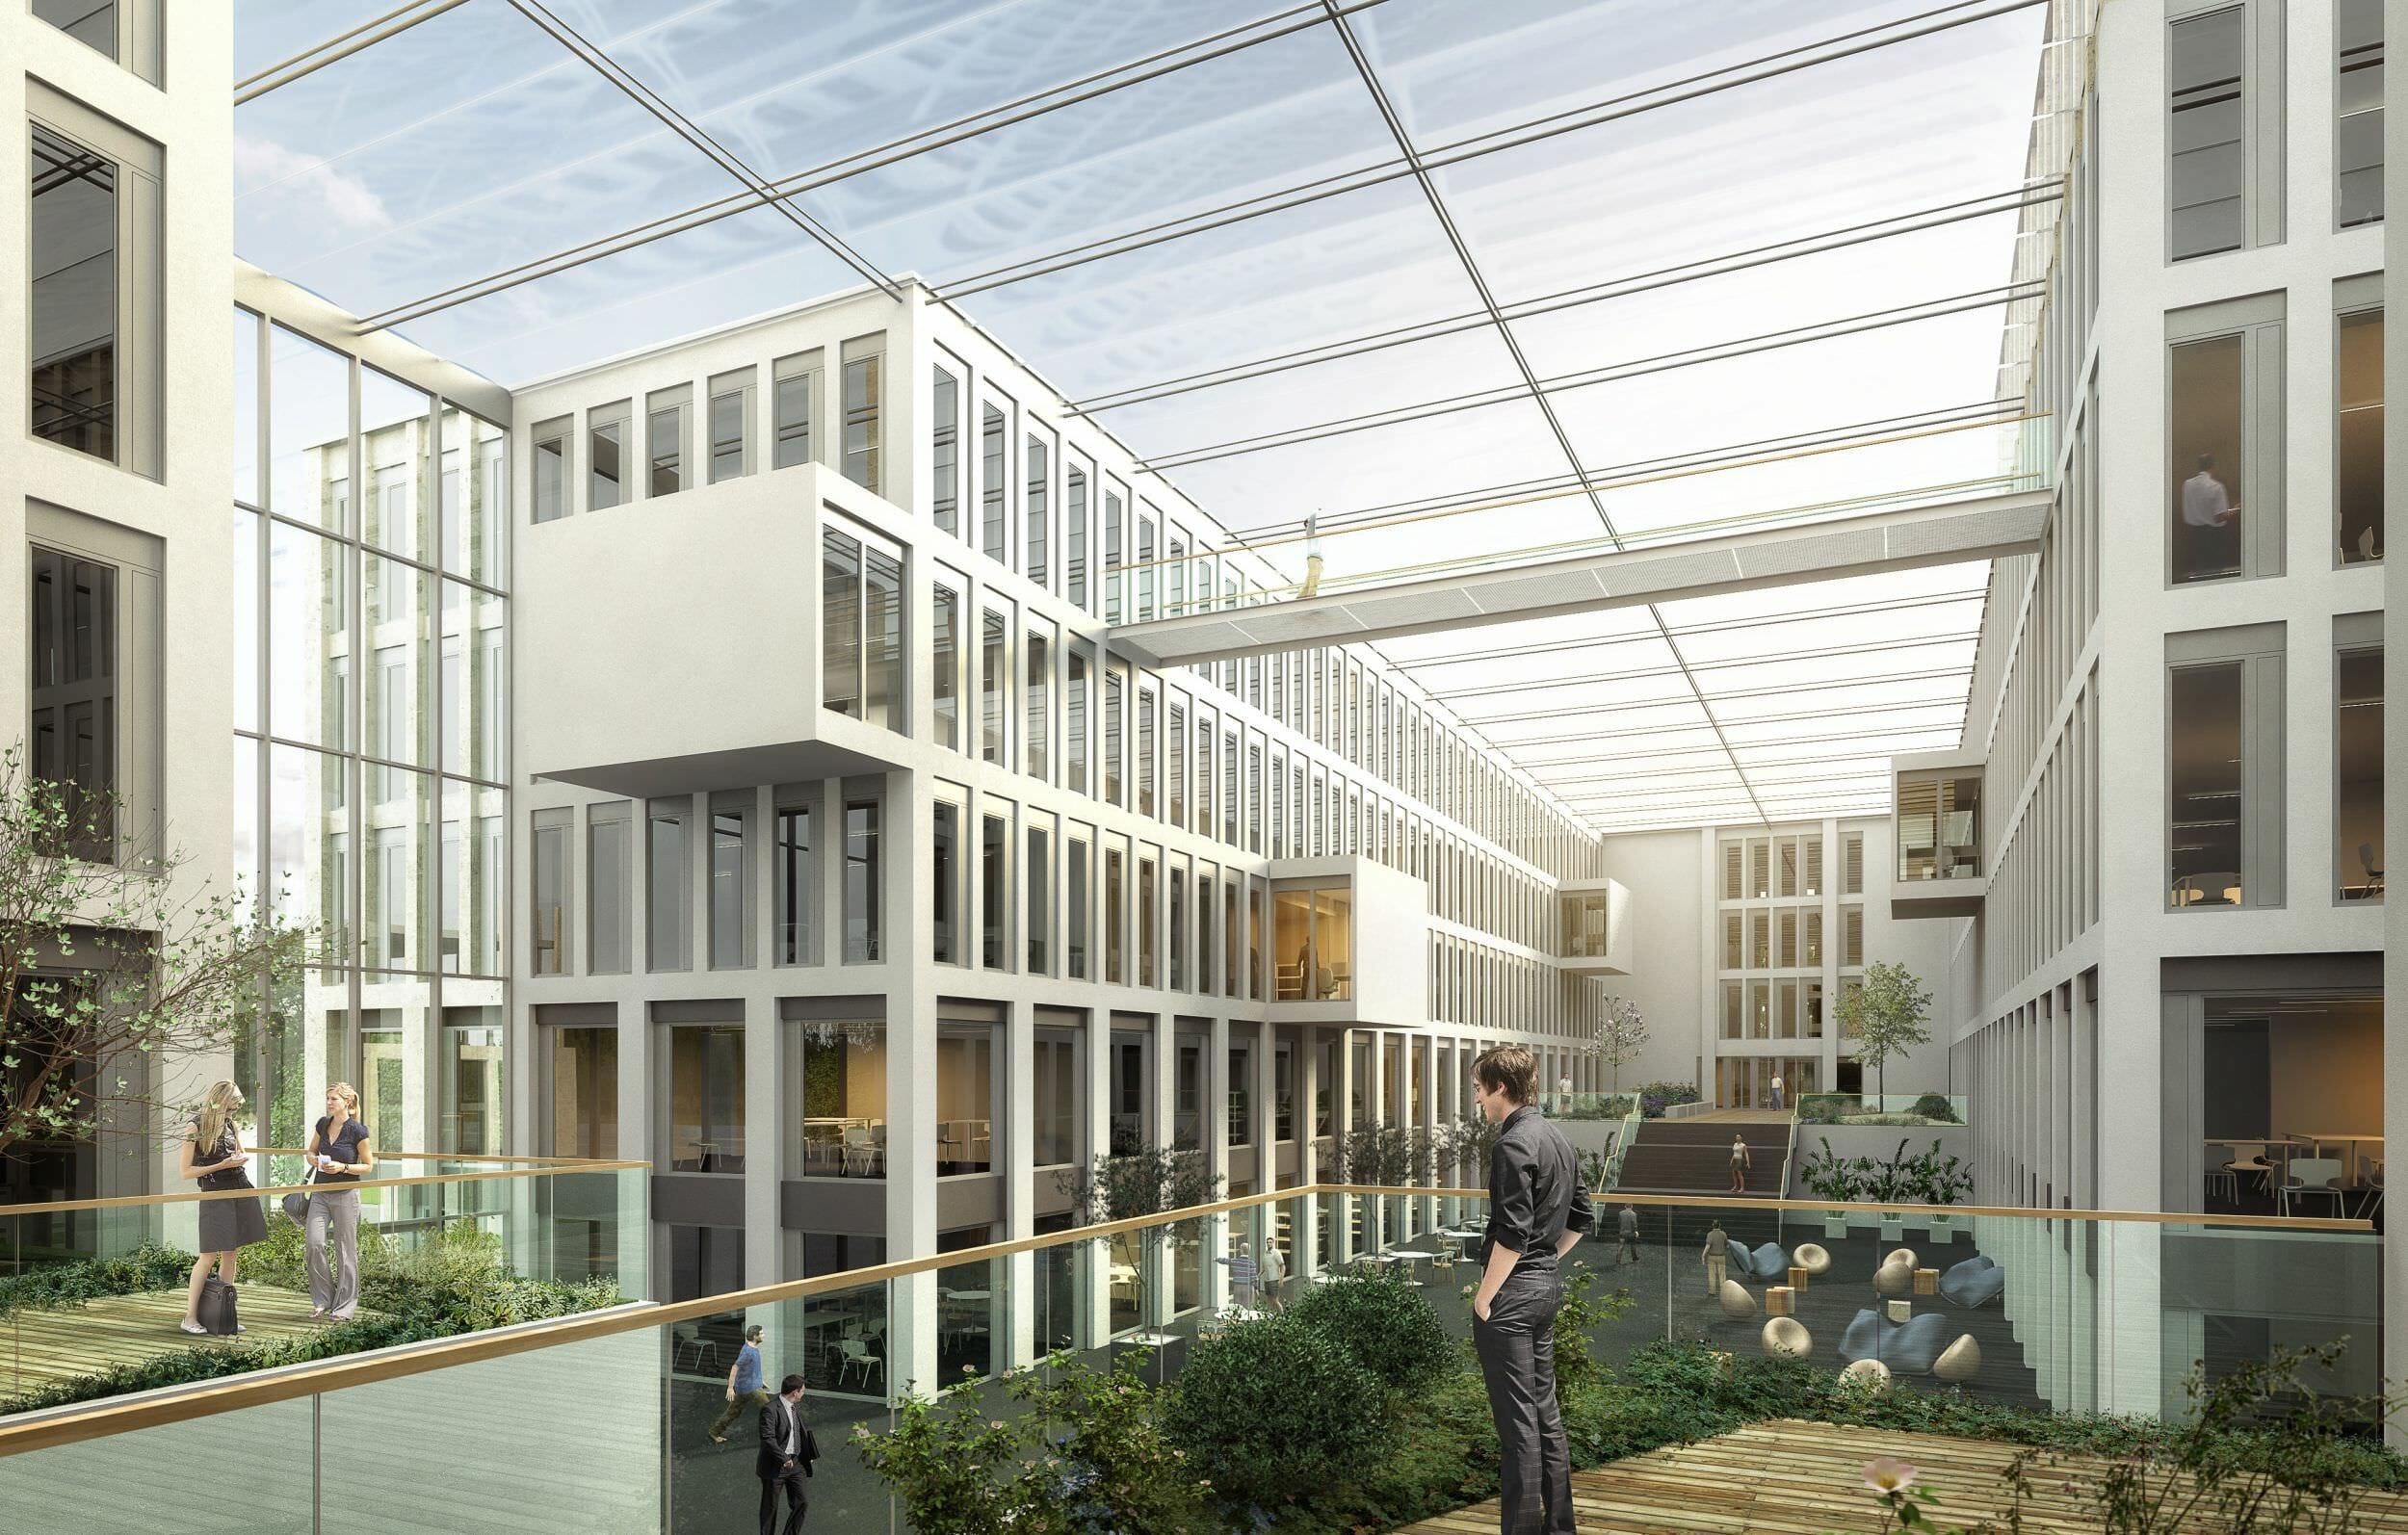 Campus gmd architekten bremen - Architekten bremen ...